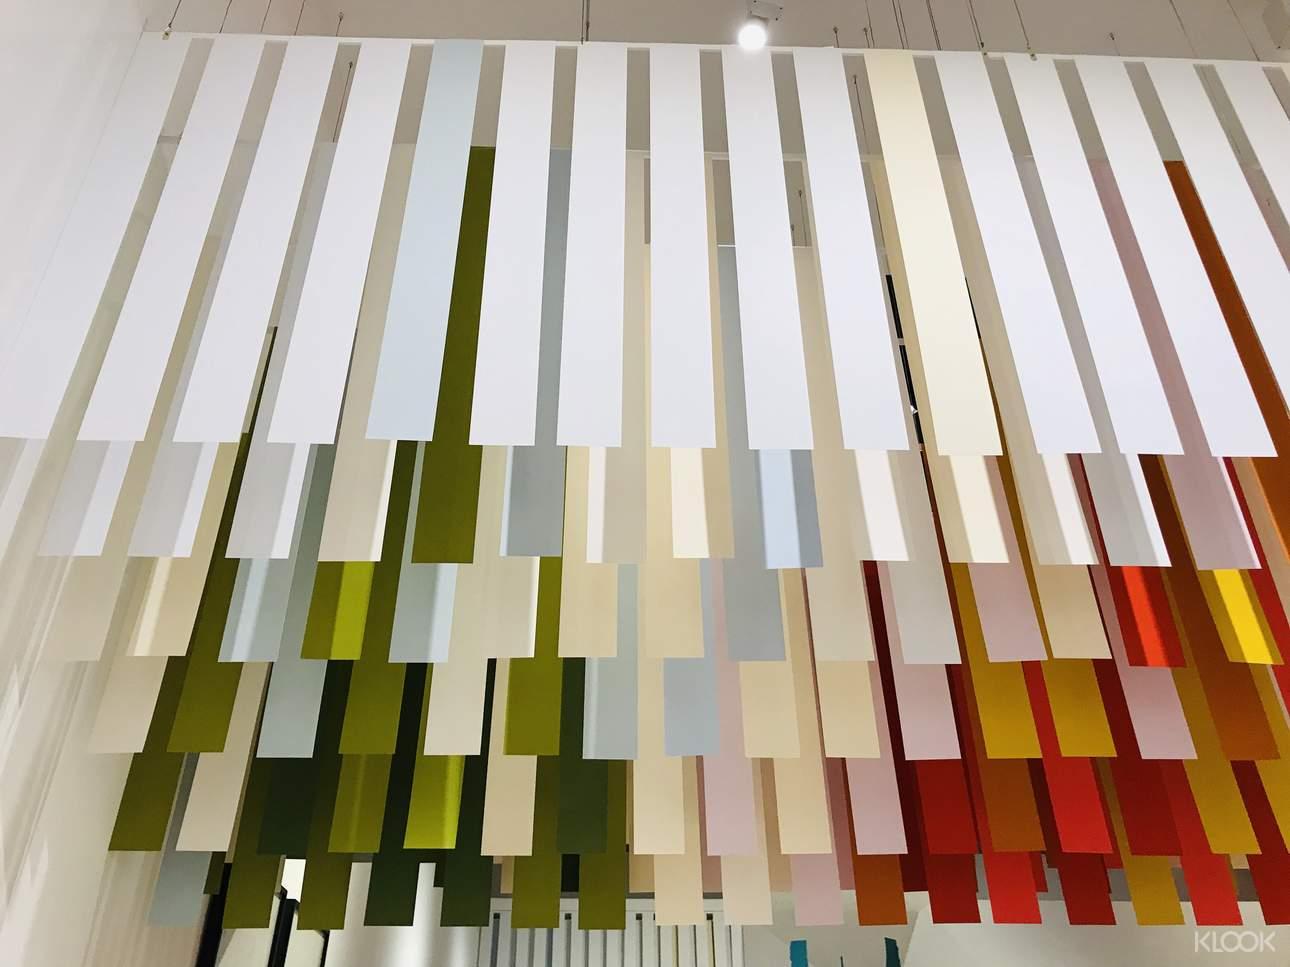 摺疊不只運用在紙藝,它是將物體從平面帶到空間的技巧,是各領域设計師重要的靈感來源